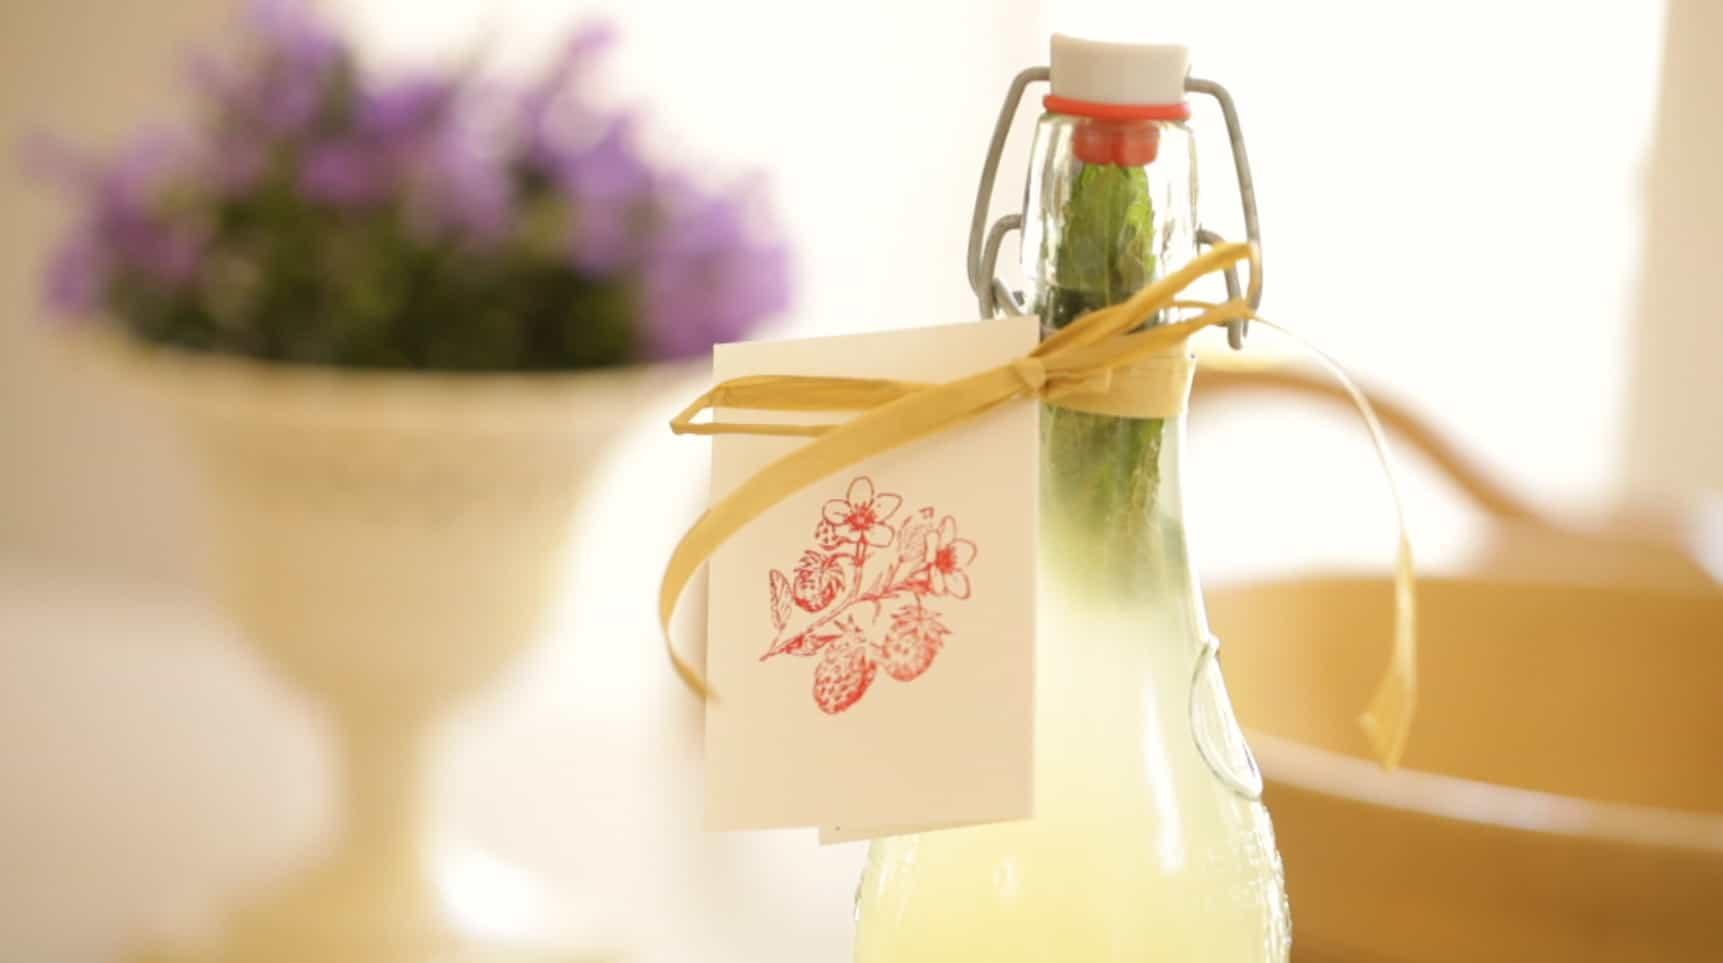 How To Make Homemade Lemonade